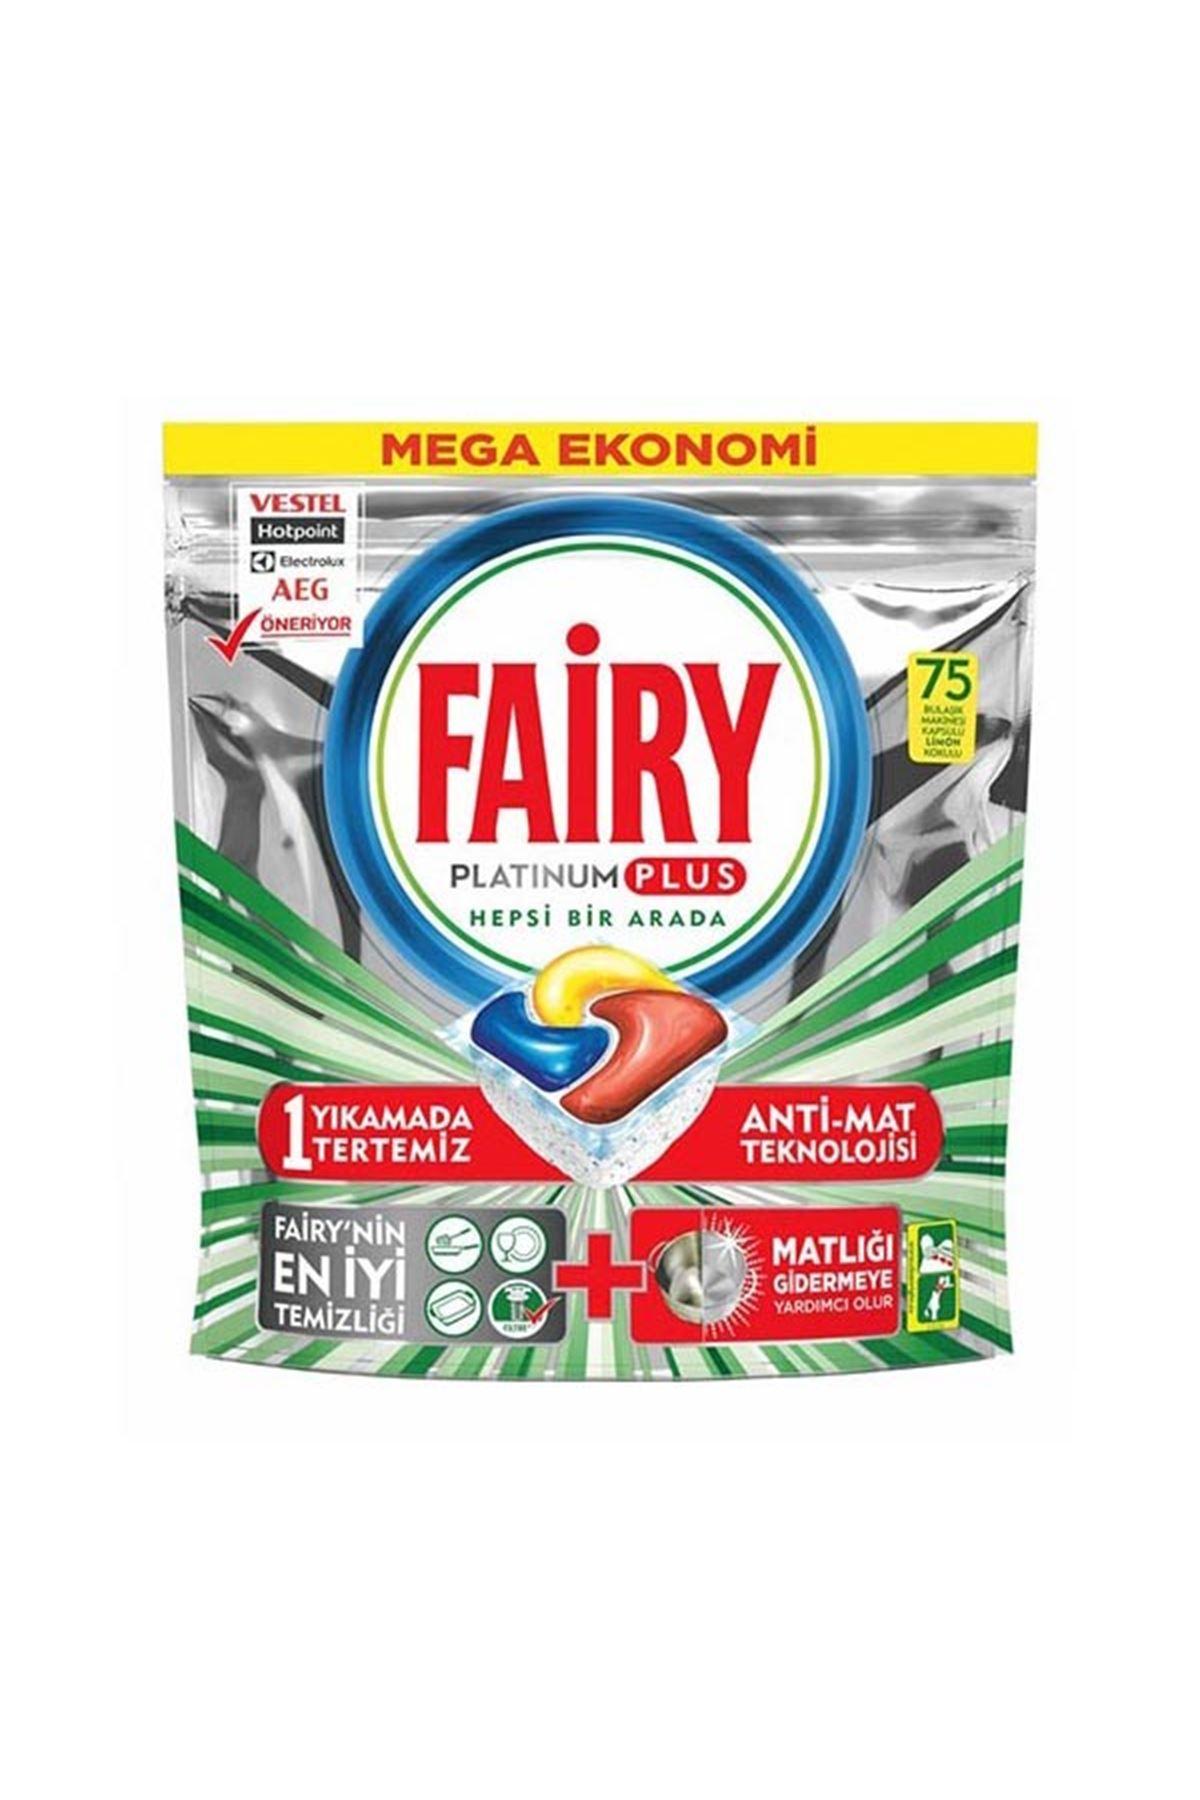 Fairy Platinum Plus Bulaşık Makinesi Deterjanı Kapsülü 75 Yıkama